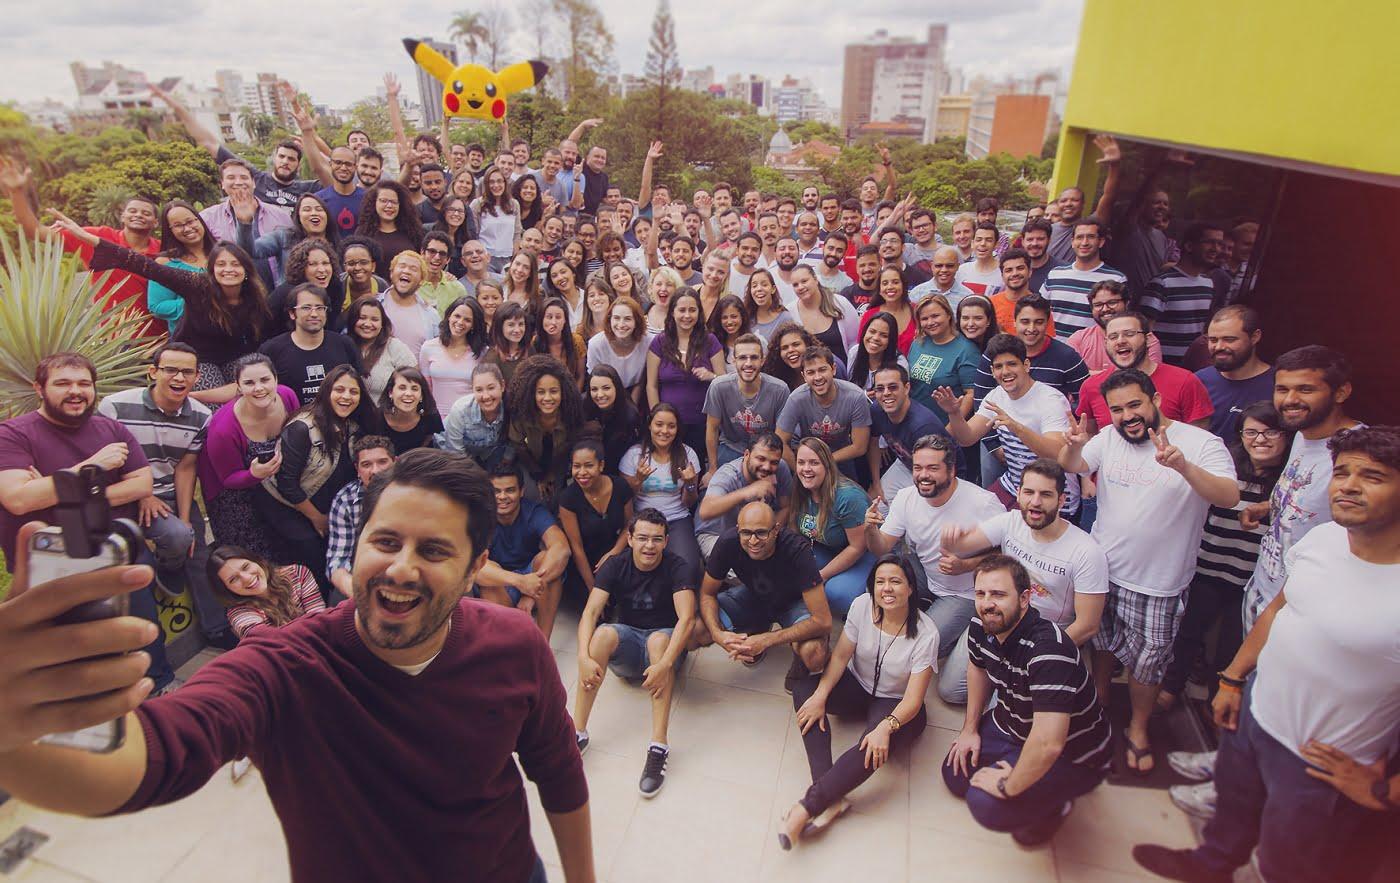 João Pedro Resende e equipe: Hoje a Hotmart tem 200 funcionários e 60 vagas abertas.